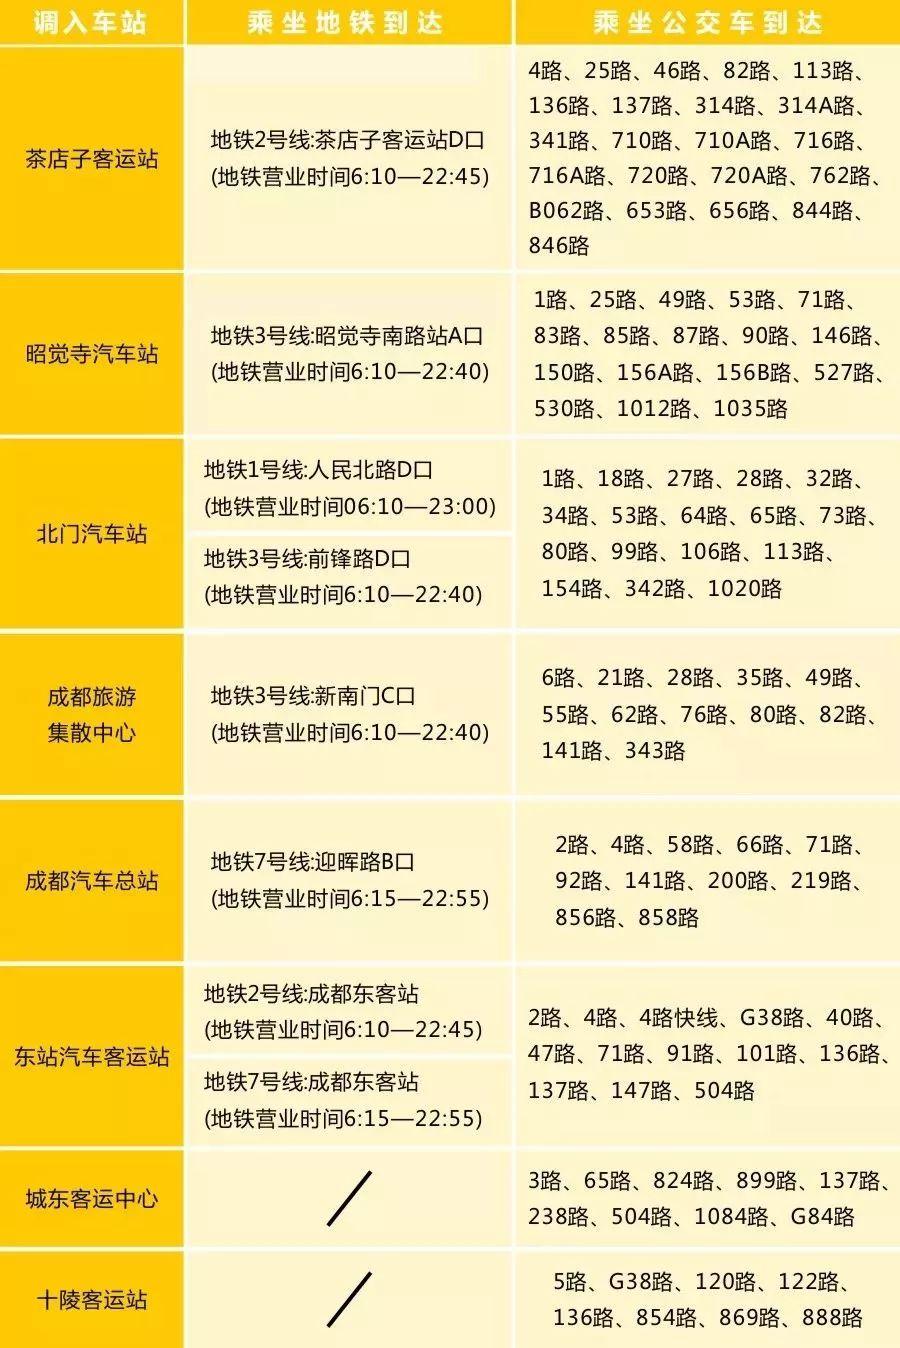 2月21日起五块石客源站班线调整 因关闭拆迁(附时刻表)